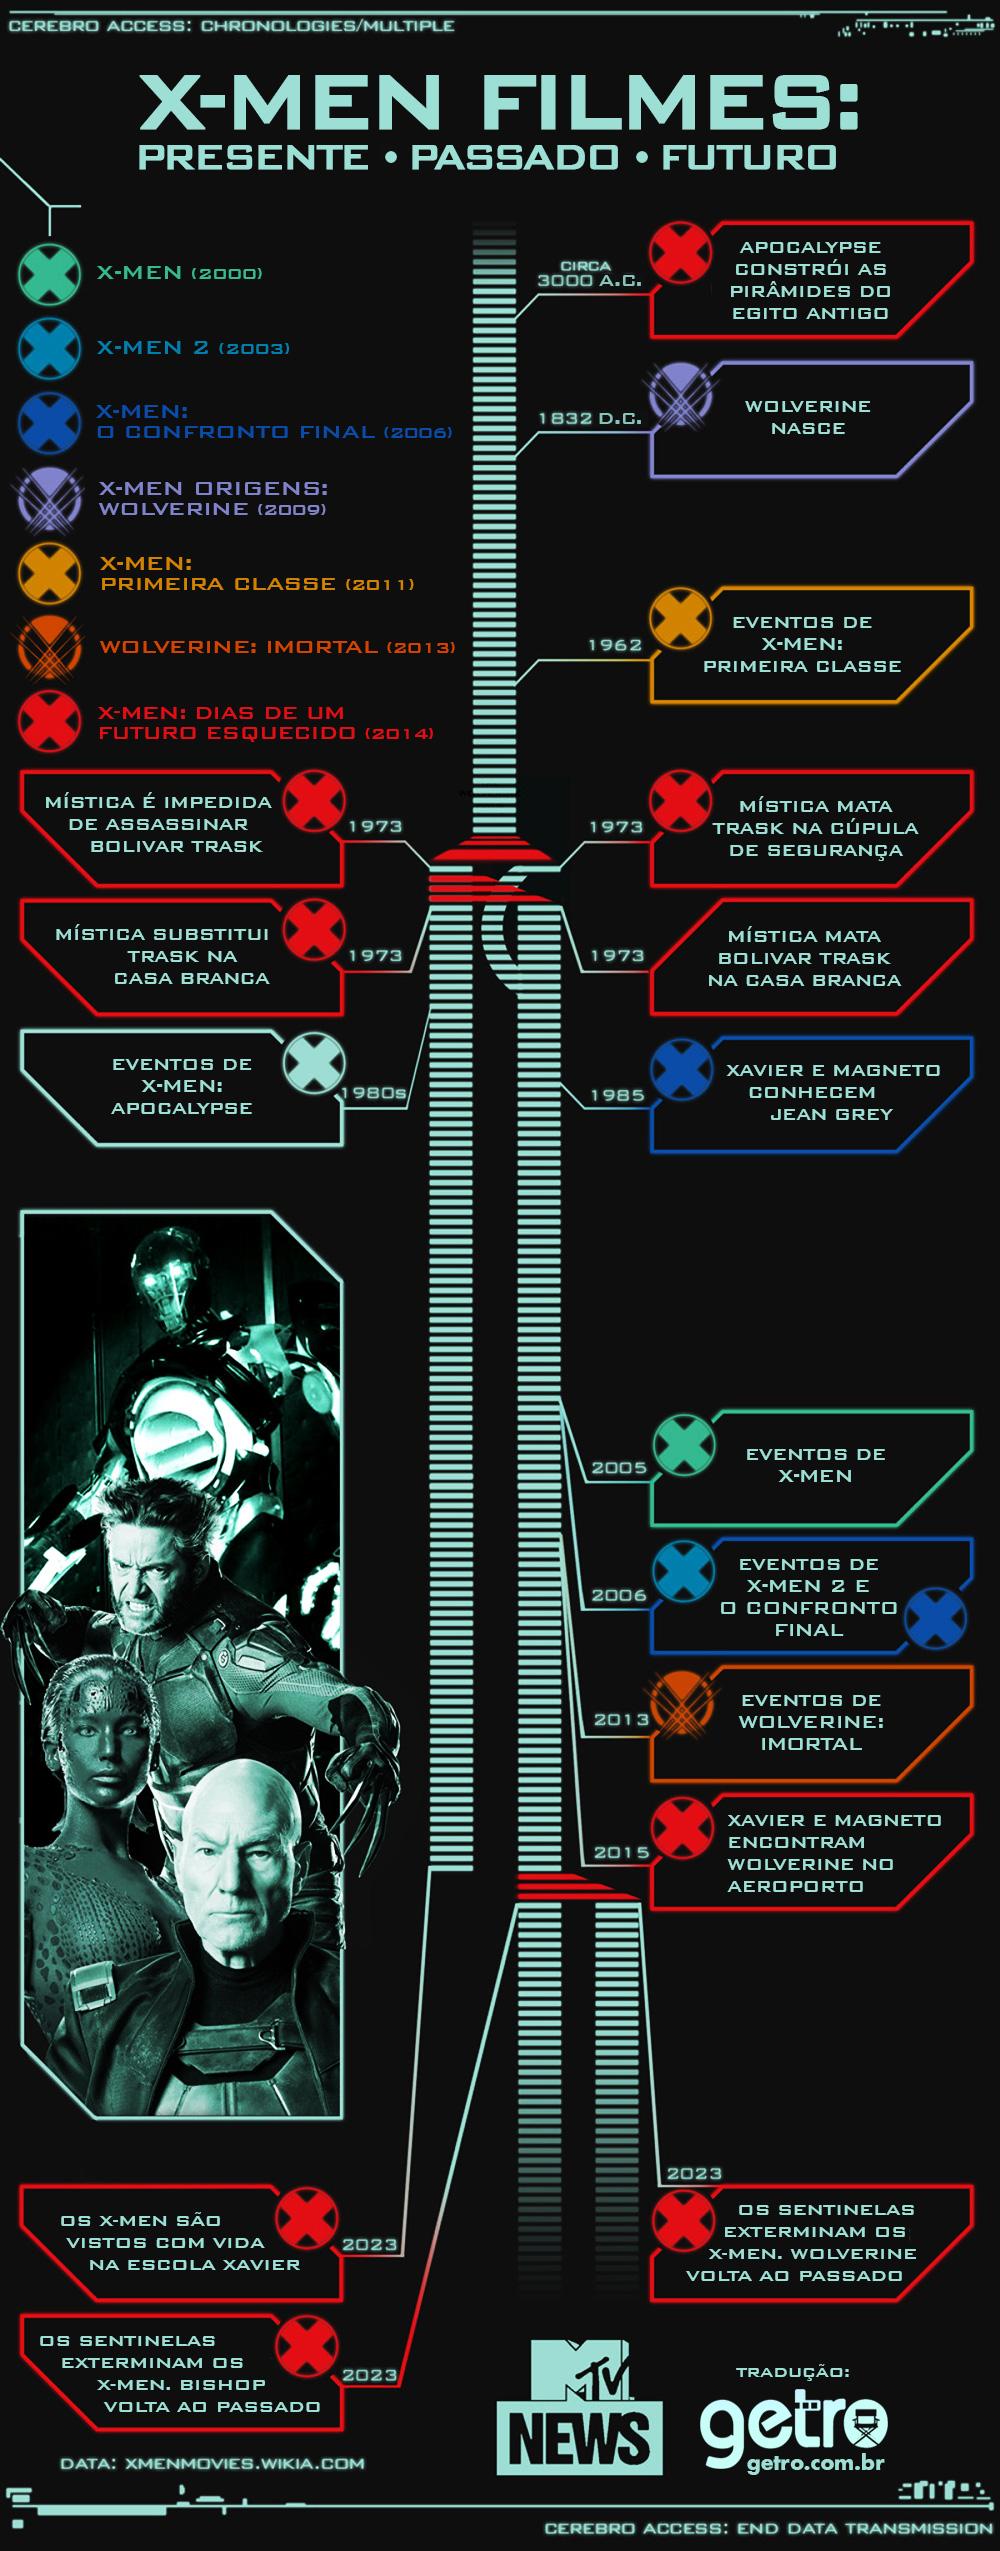 Linha do Tempo dos X-Men no cinema